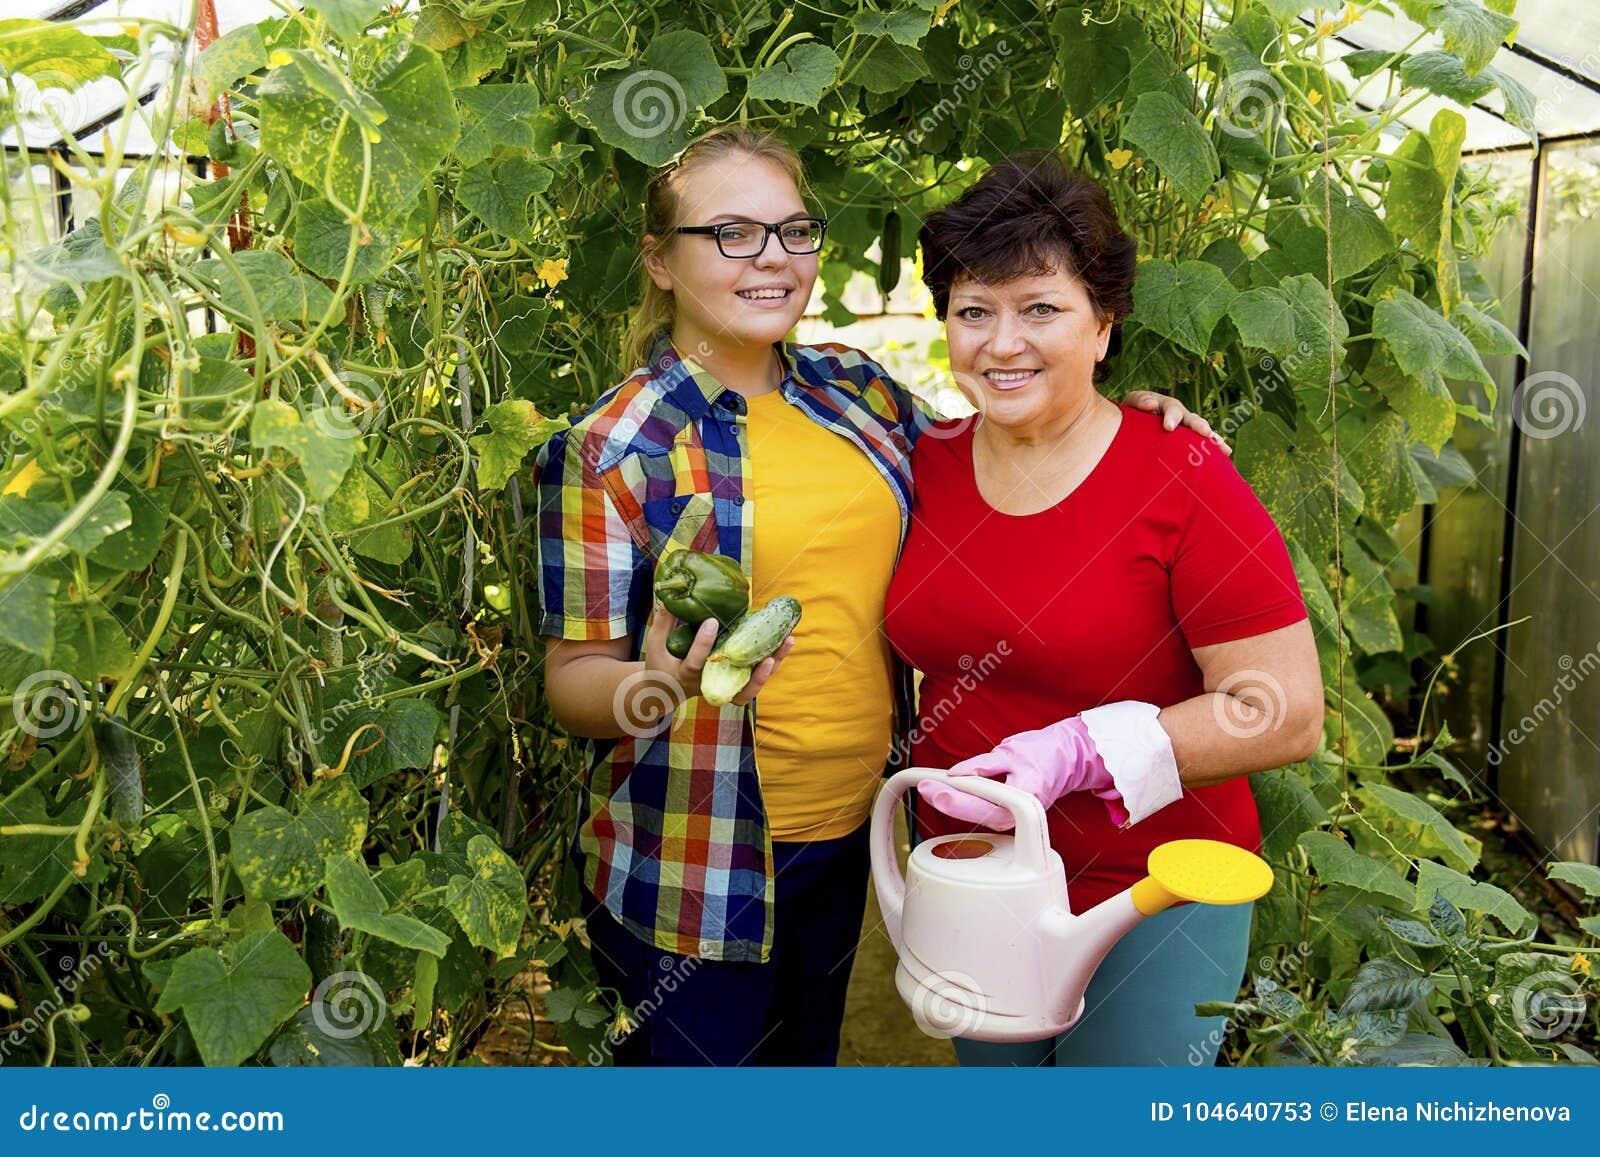 Download Vrouwen Die In Een Serre Werken Stock Afbeelding - Afbeelding bestaande uit growth, landbouwer: 104640753